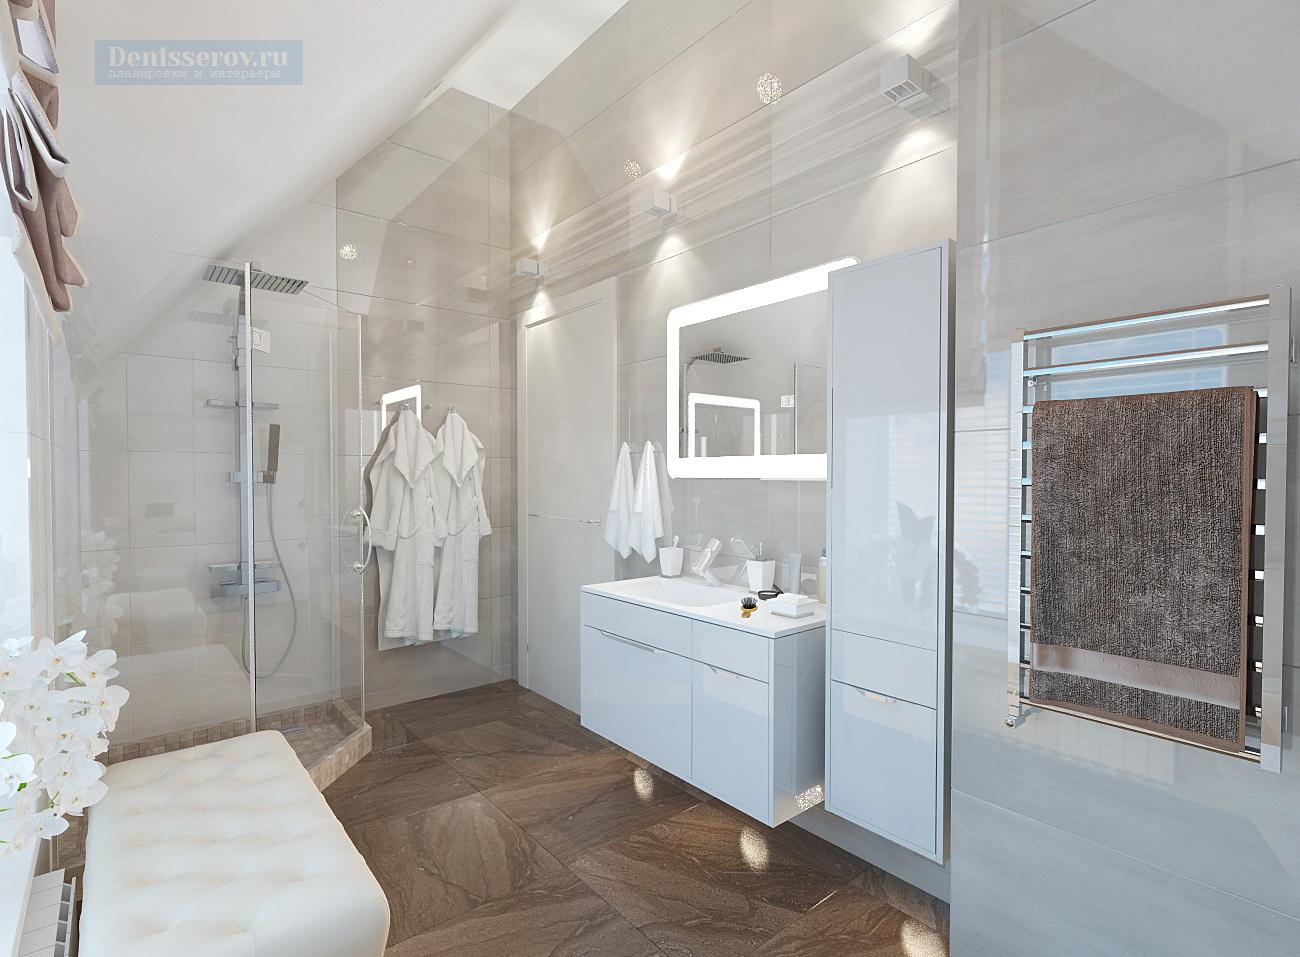 дизайн проект ванной 6.5 кв.м.